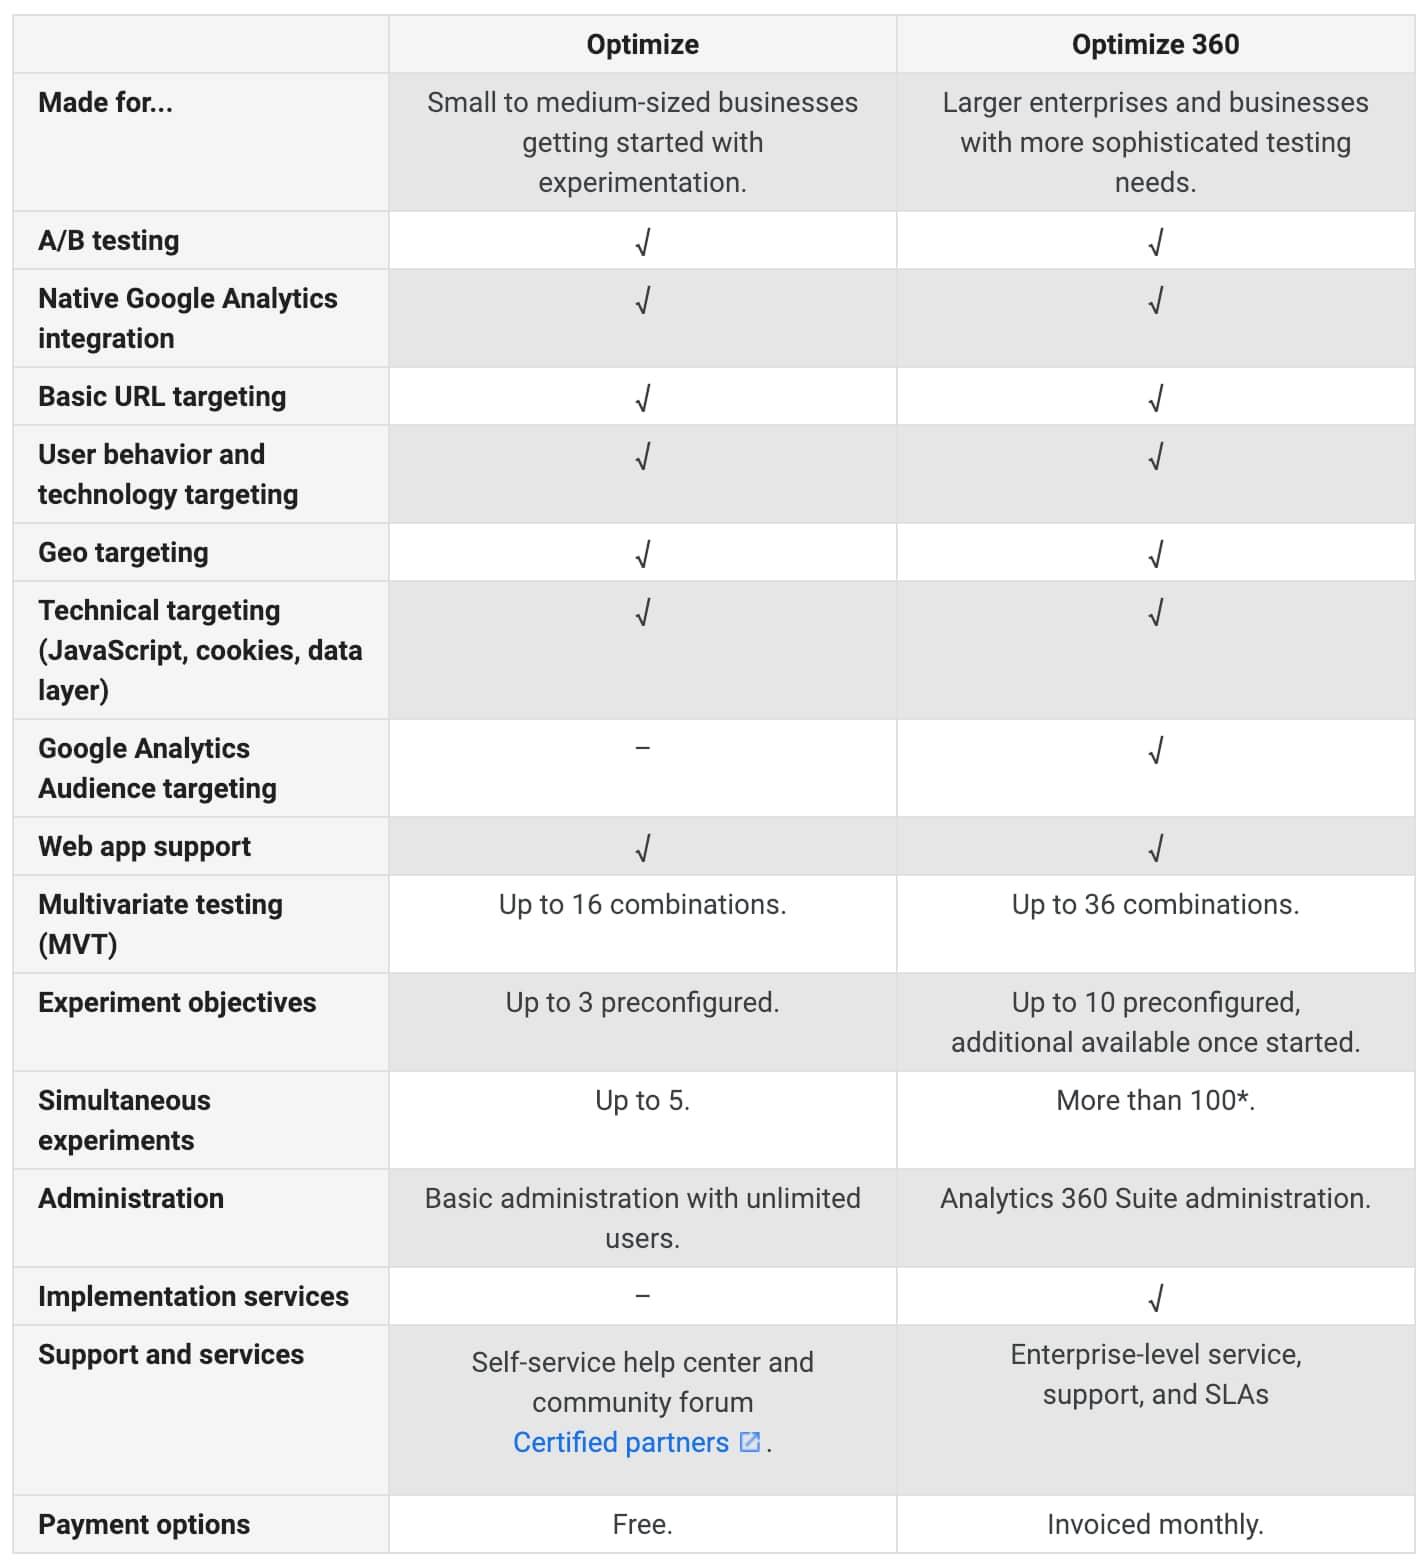 Google Optimize vs Optimize 360